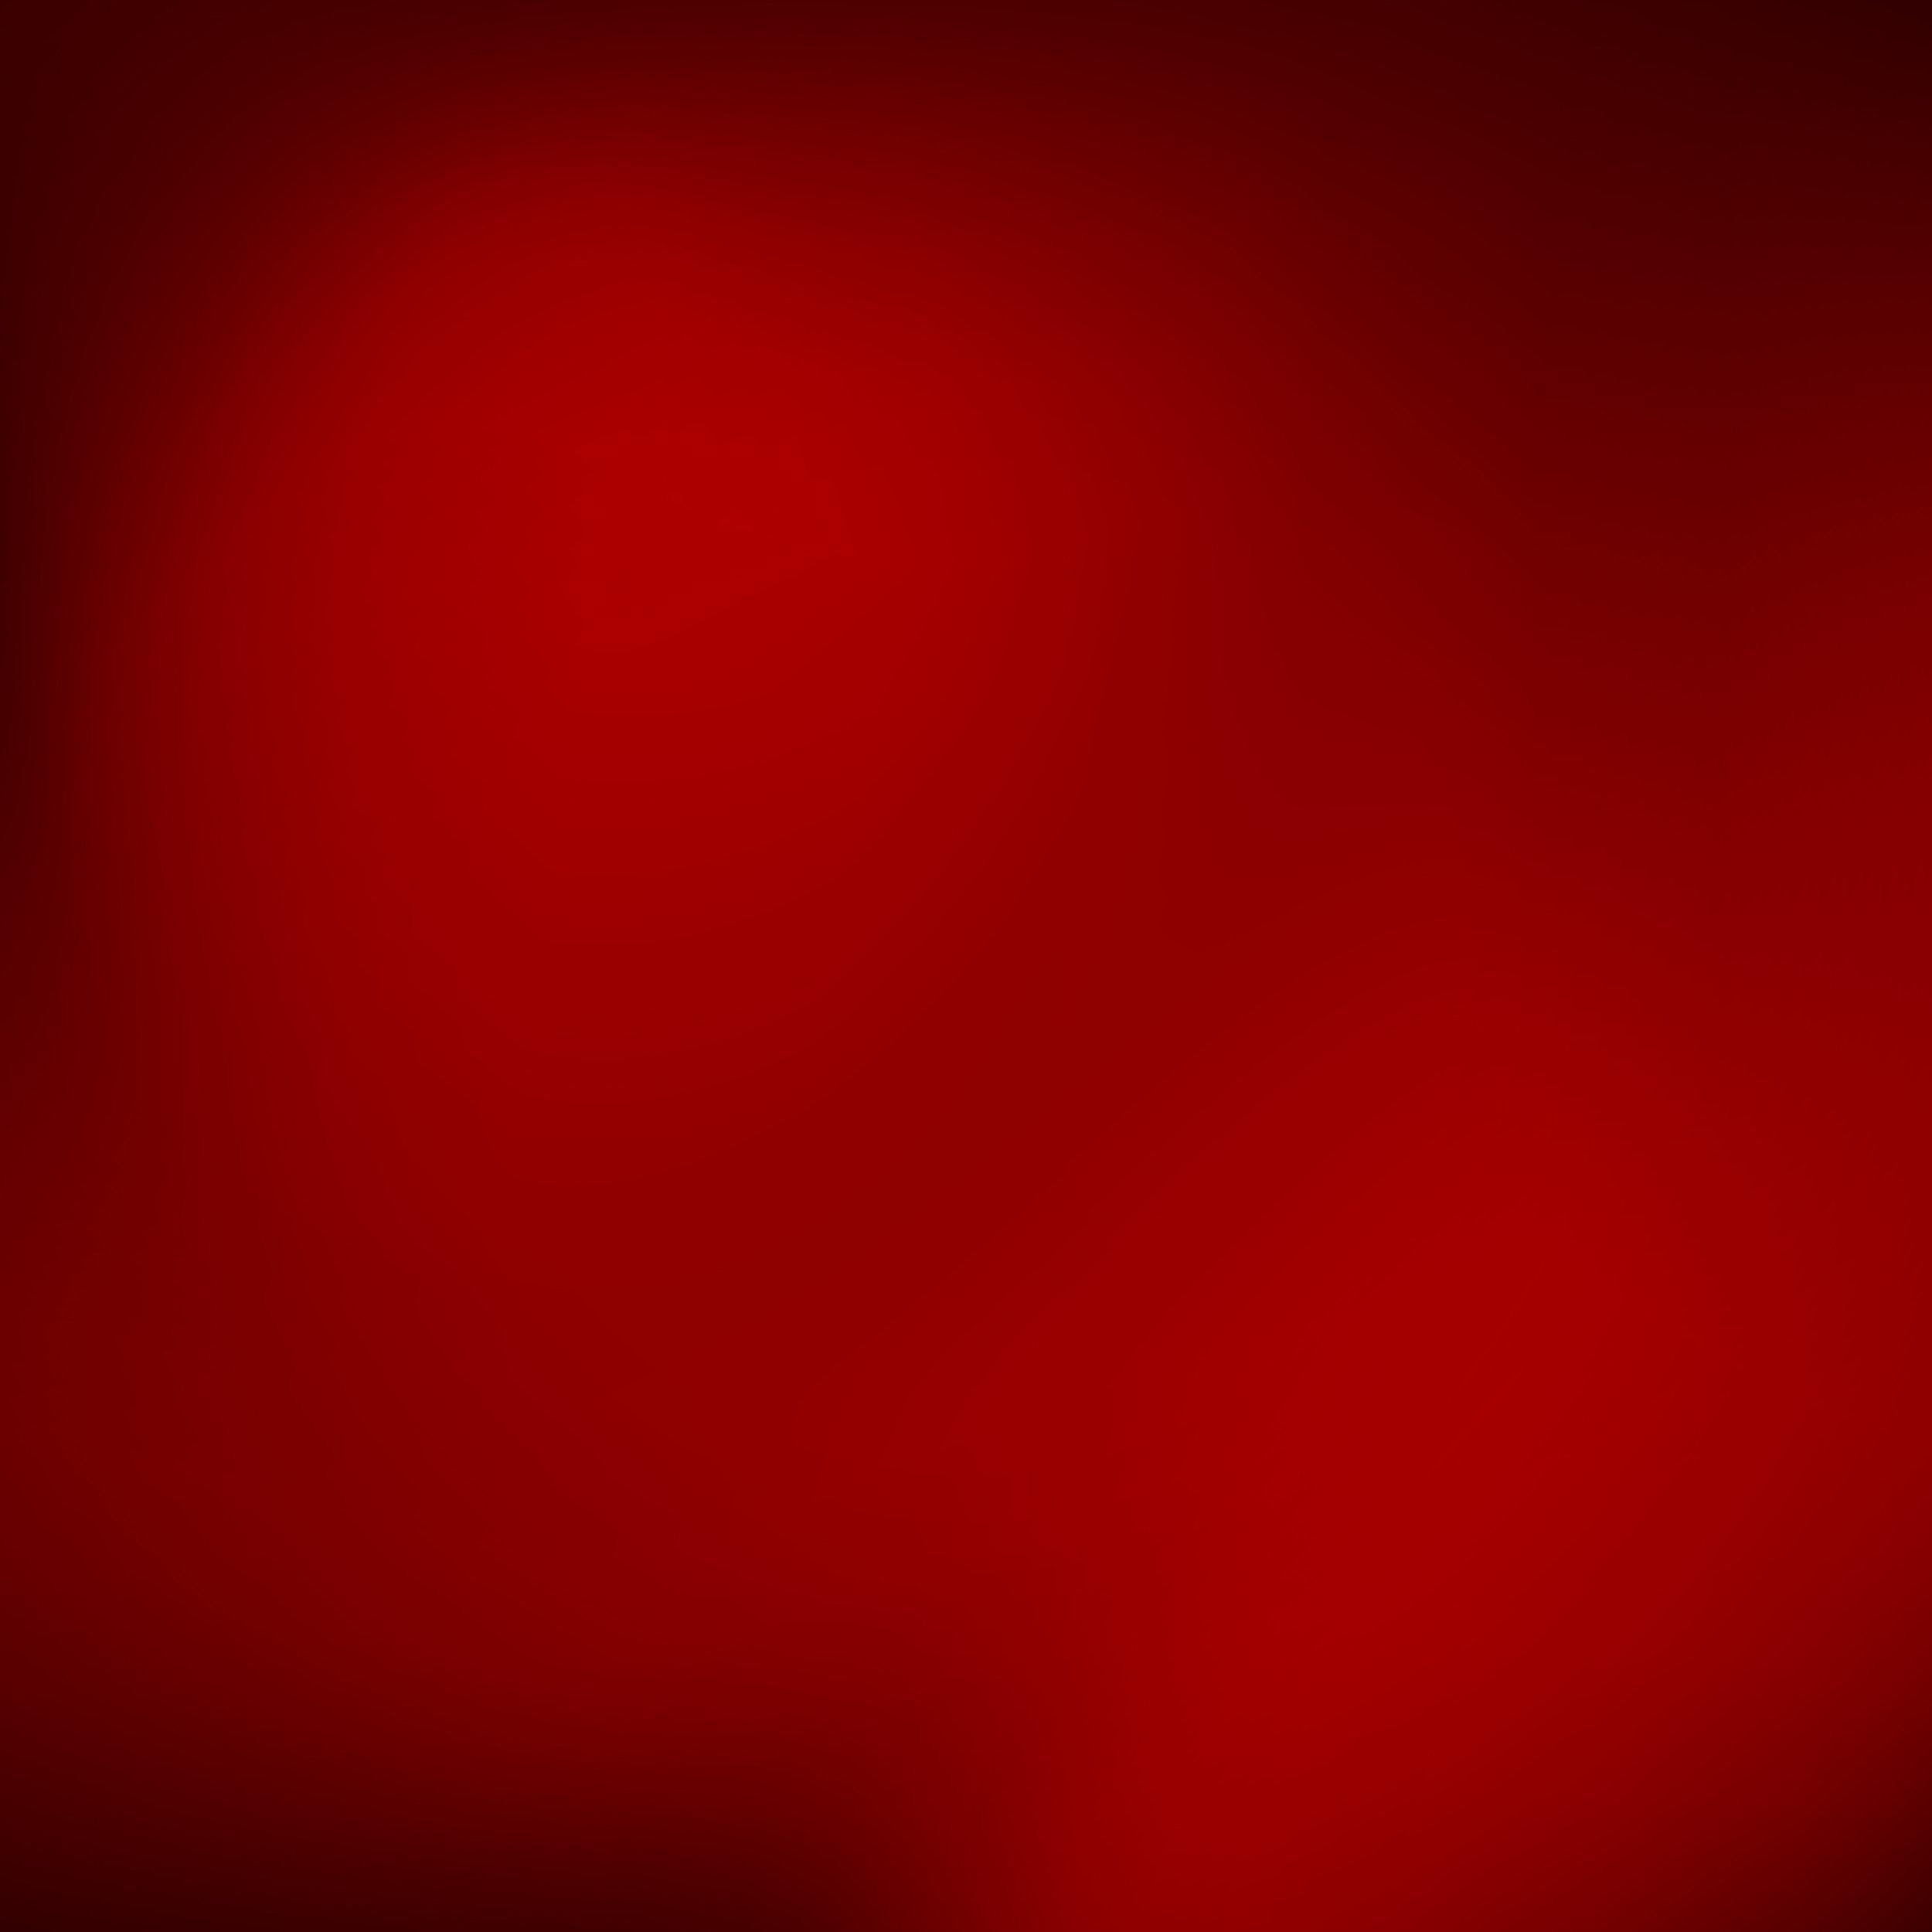 Elegant Valentine Gradient Background